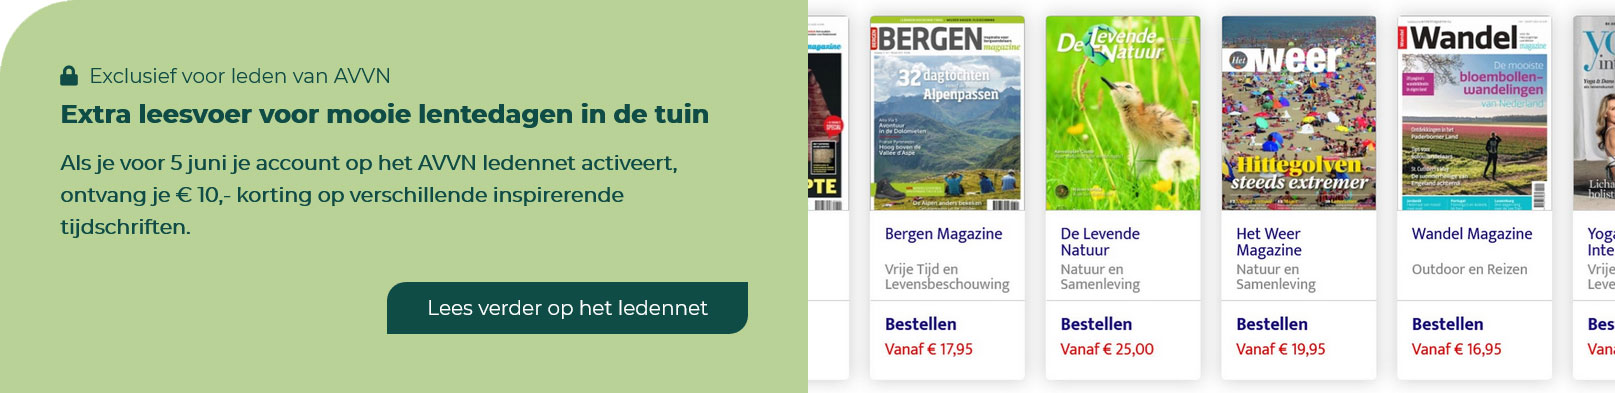 AVVN ledennet tijdschriftenactie